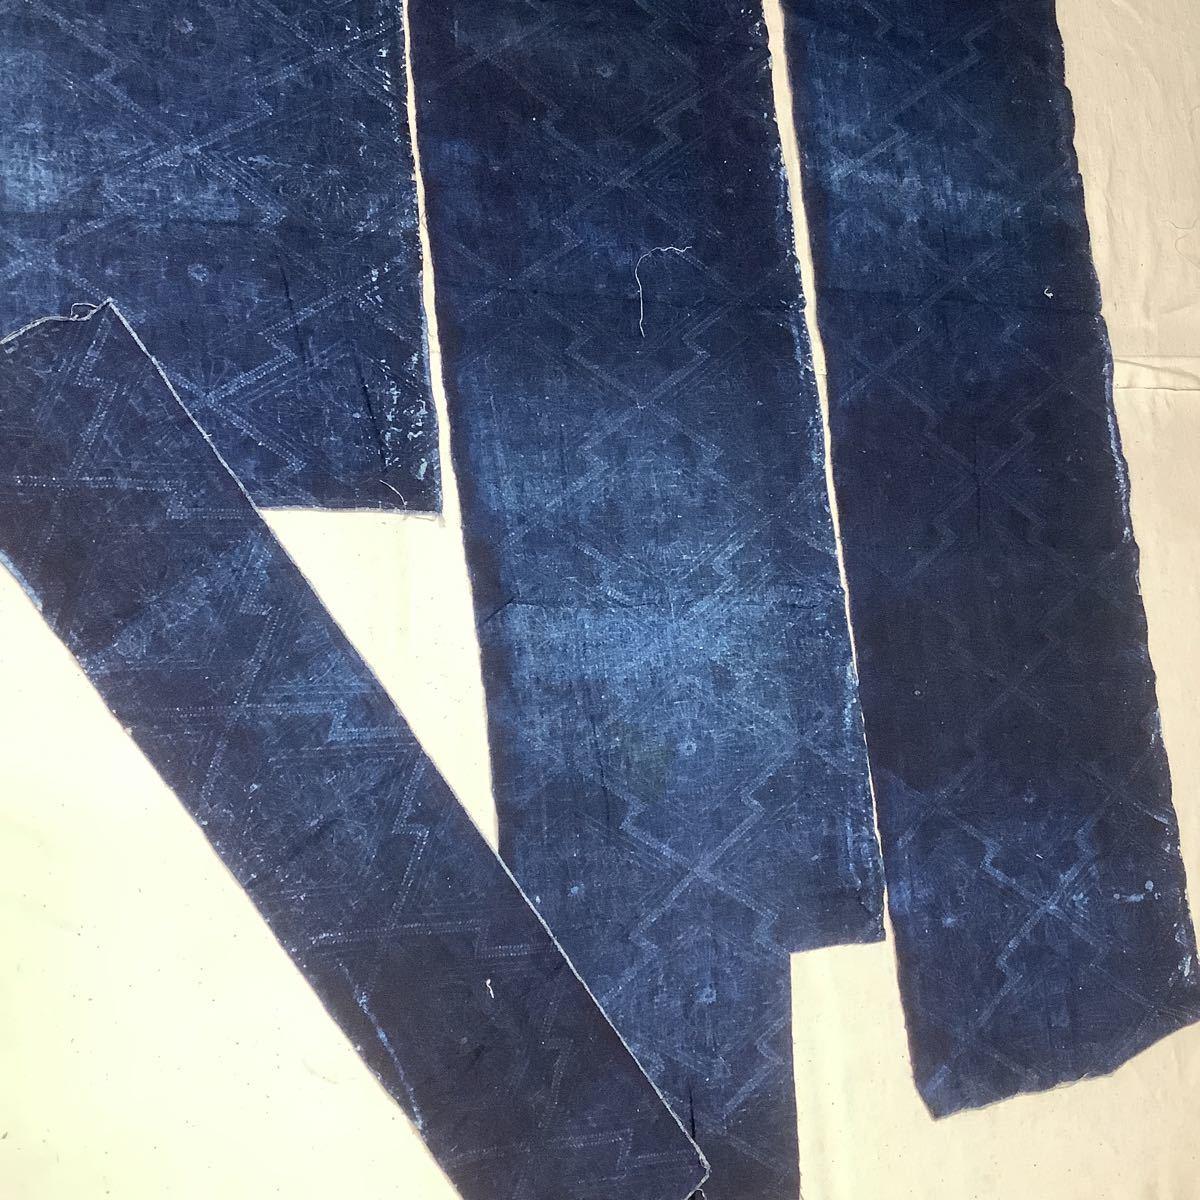 ◆古布前掛け専門屋◆アンティーク◆手織木綿◆本藍染◆型染め◆3幅3巾◆布団側◆刺子襤褸麻書生絣蚊絣雪ん子BOROはぎれ_画像9